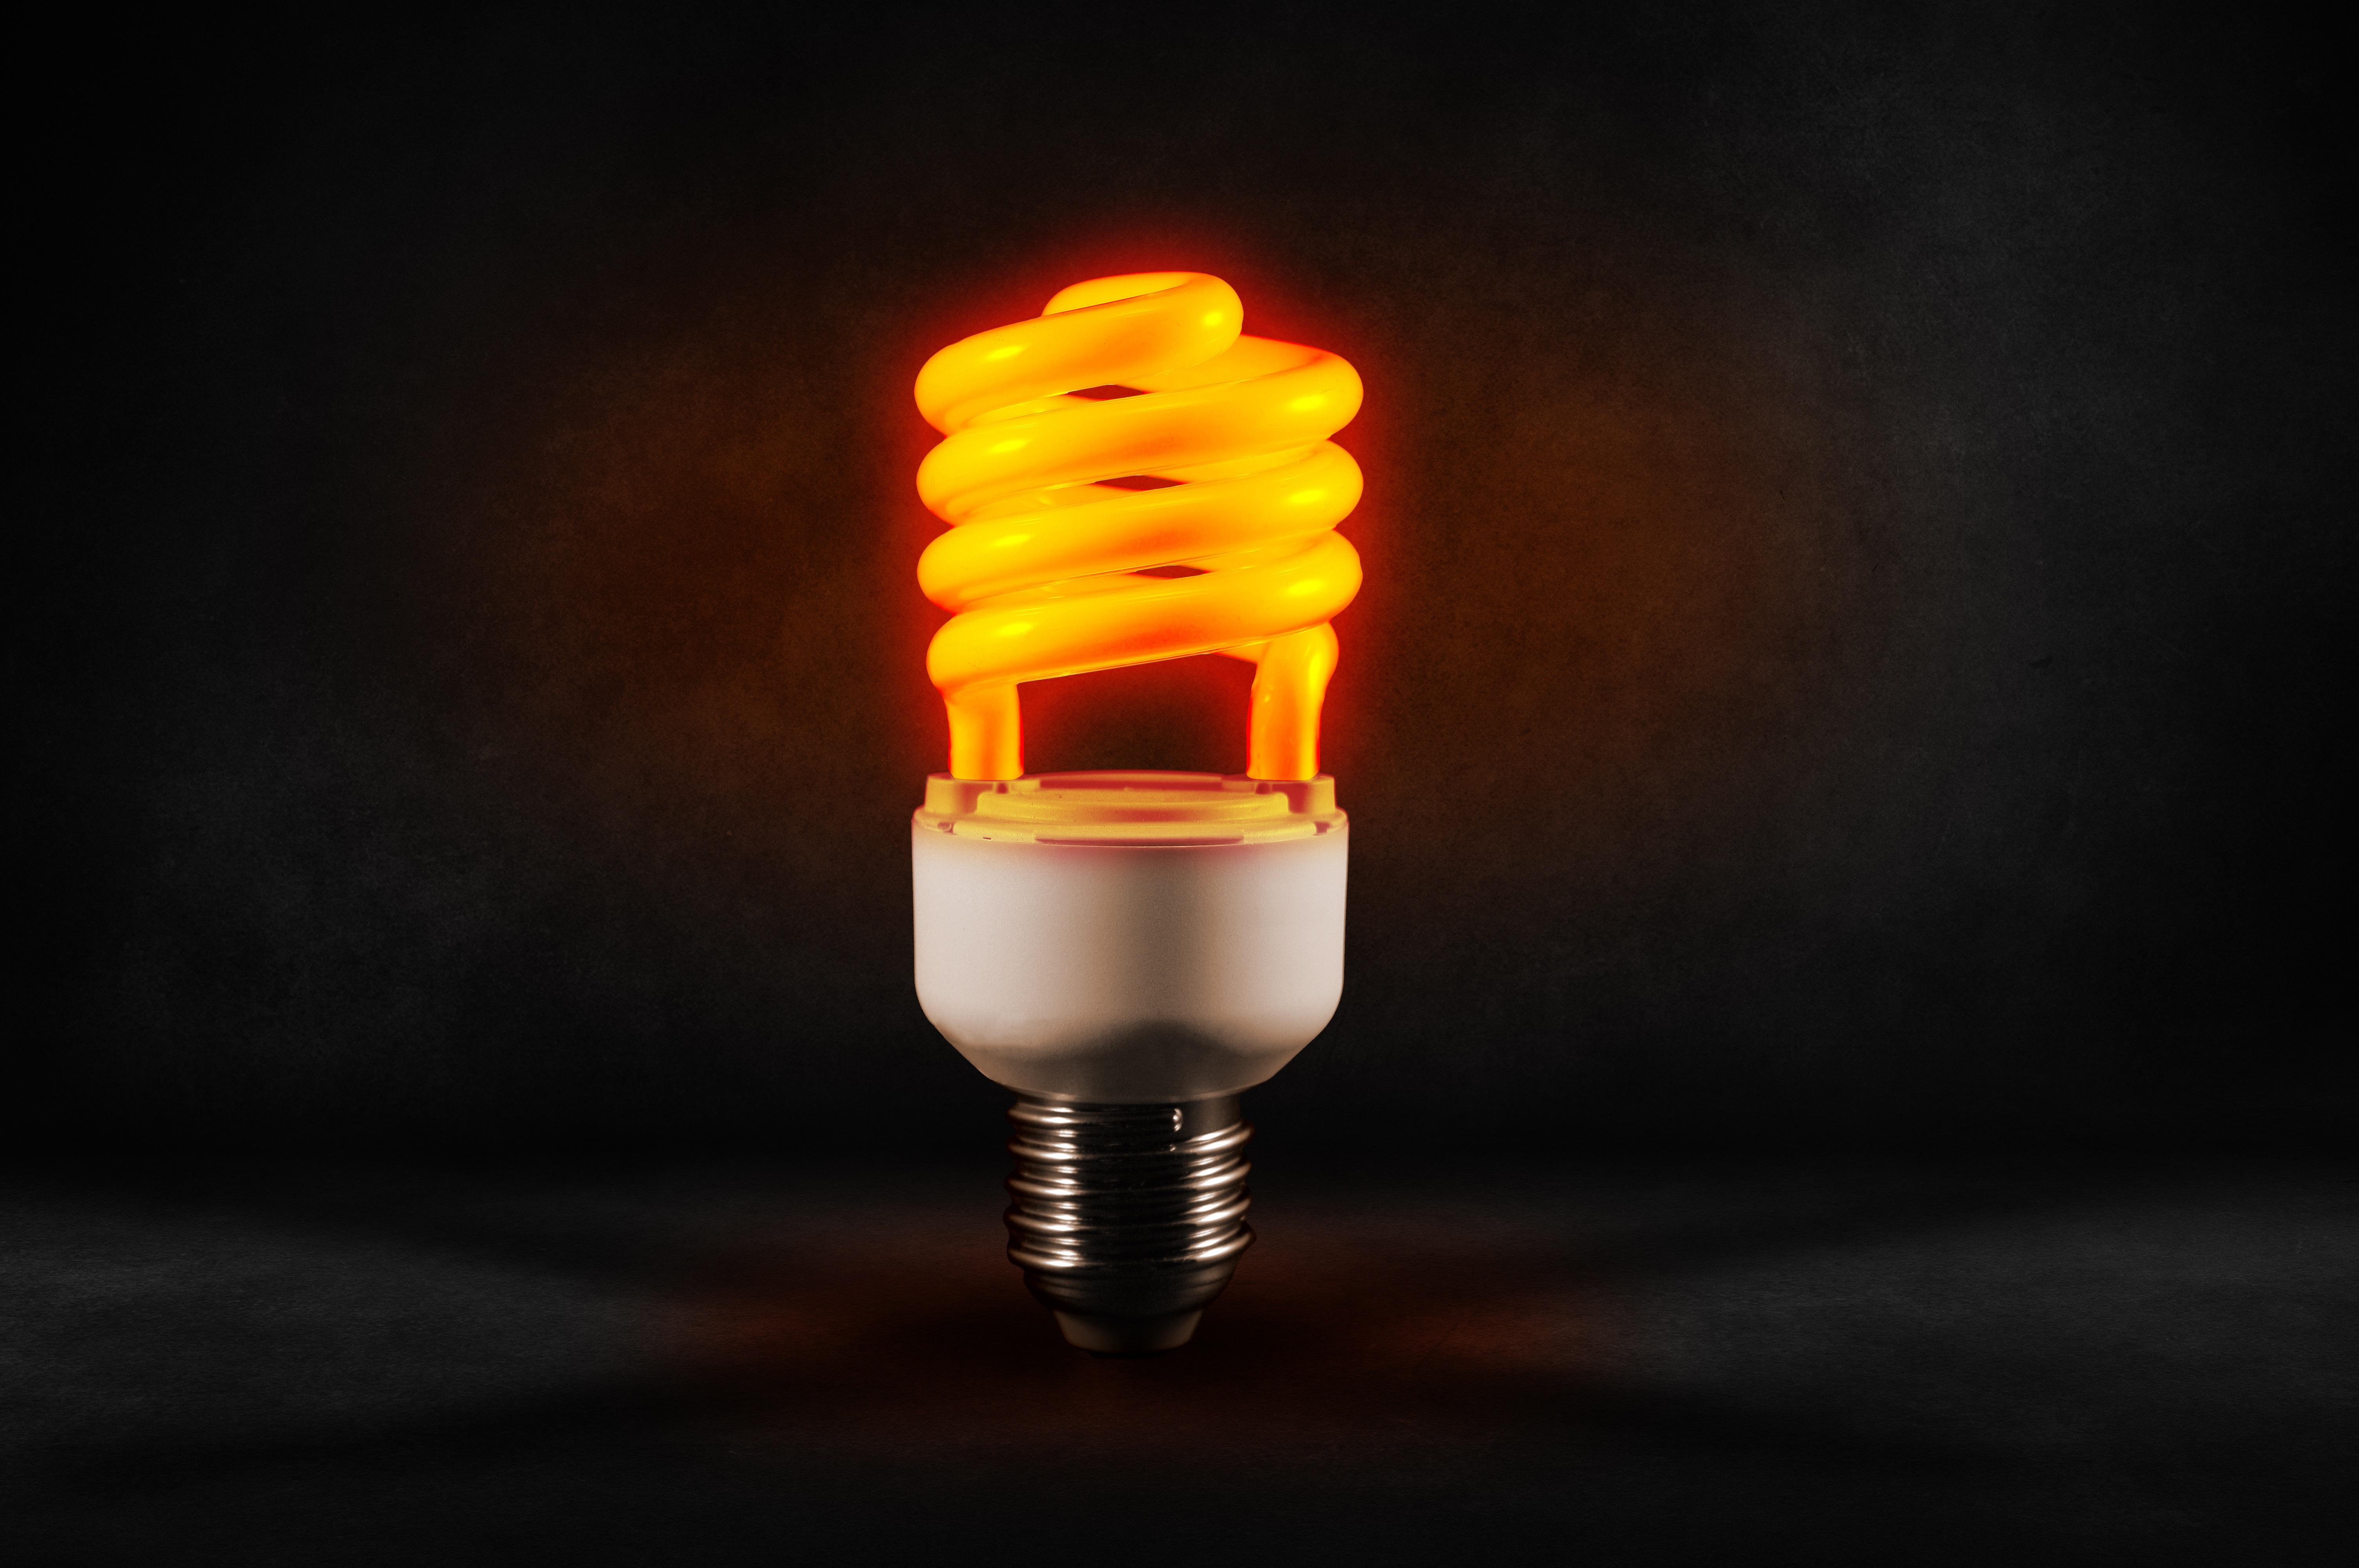 98849 завантажити шпалери Світло, Світлий, Різне, Спіраль, Лампа, Енергозбереження, Економія Енергії - заставки і картинки безкоштовно